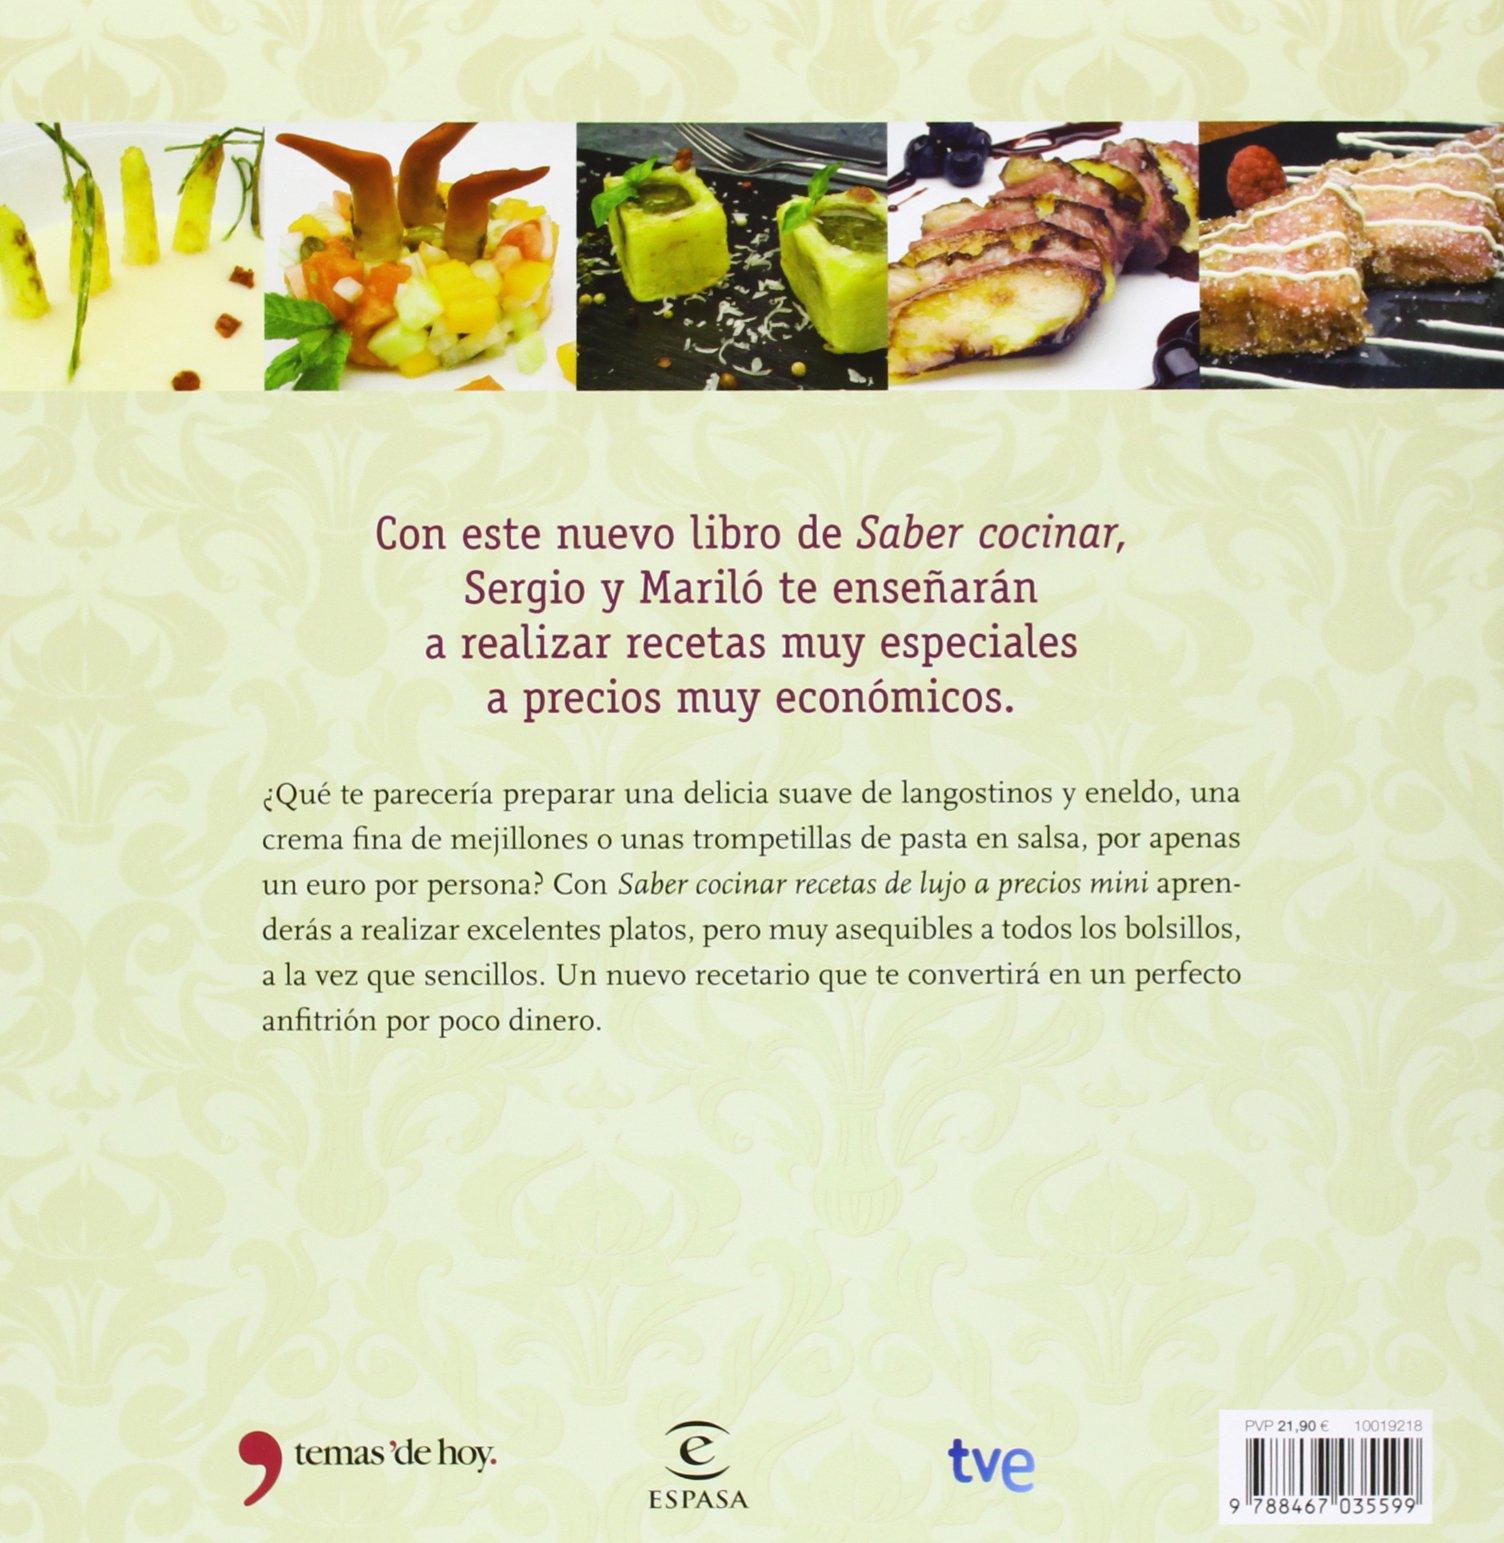 Saber cocinar recetas de lujo a precios mini: MARILO MONTERO / SERGIO FERNANDEZ: 9788467035599: Amazon.com: Books